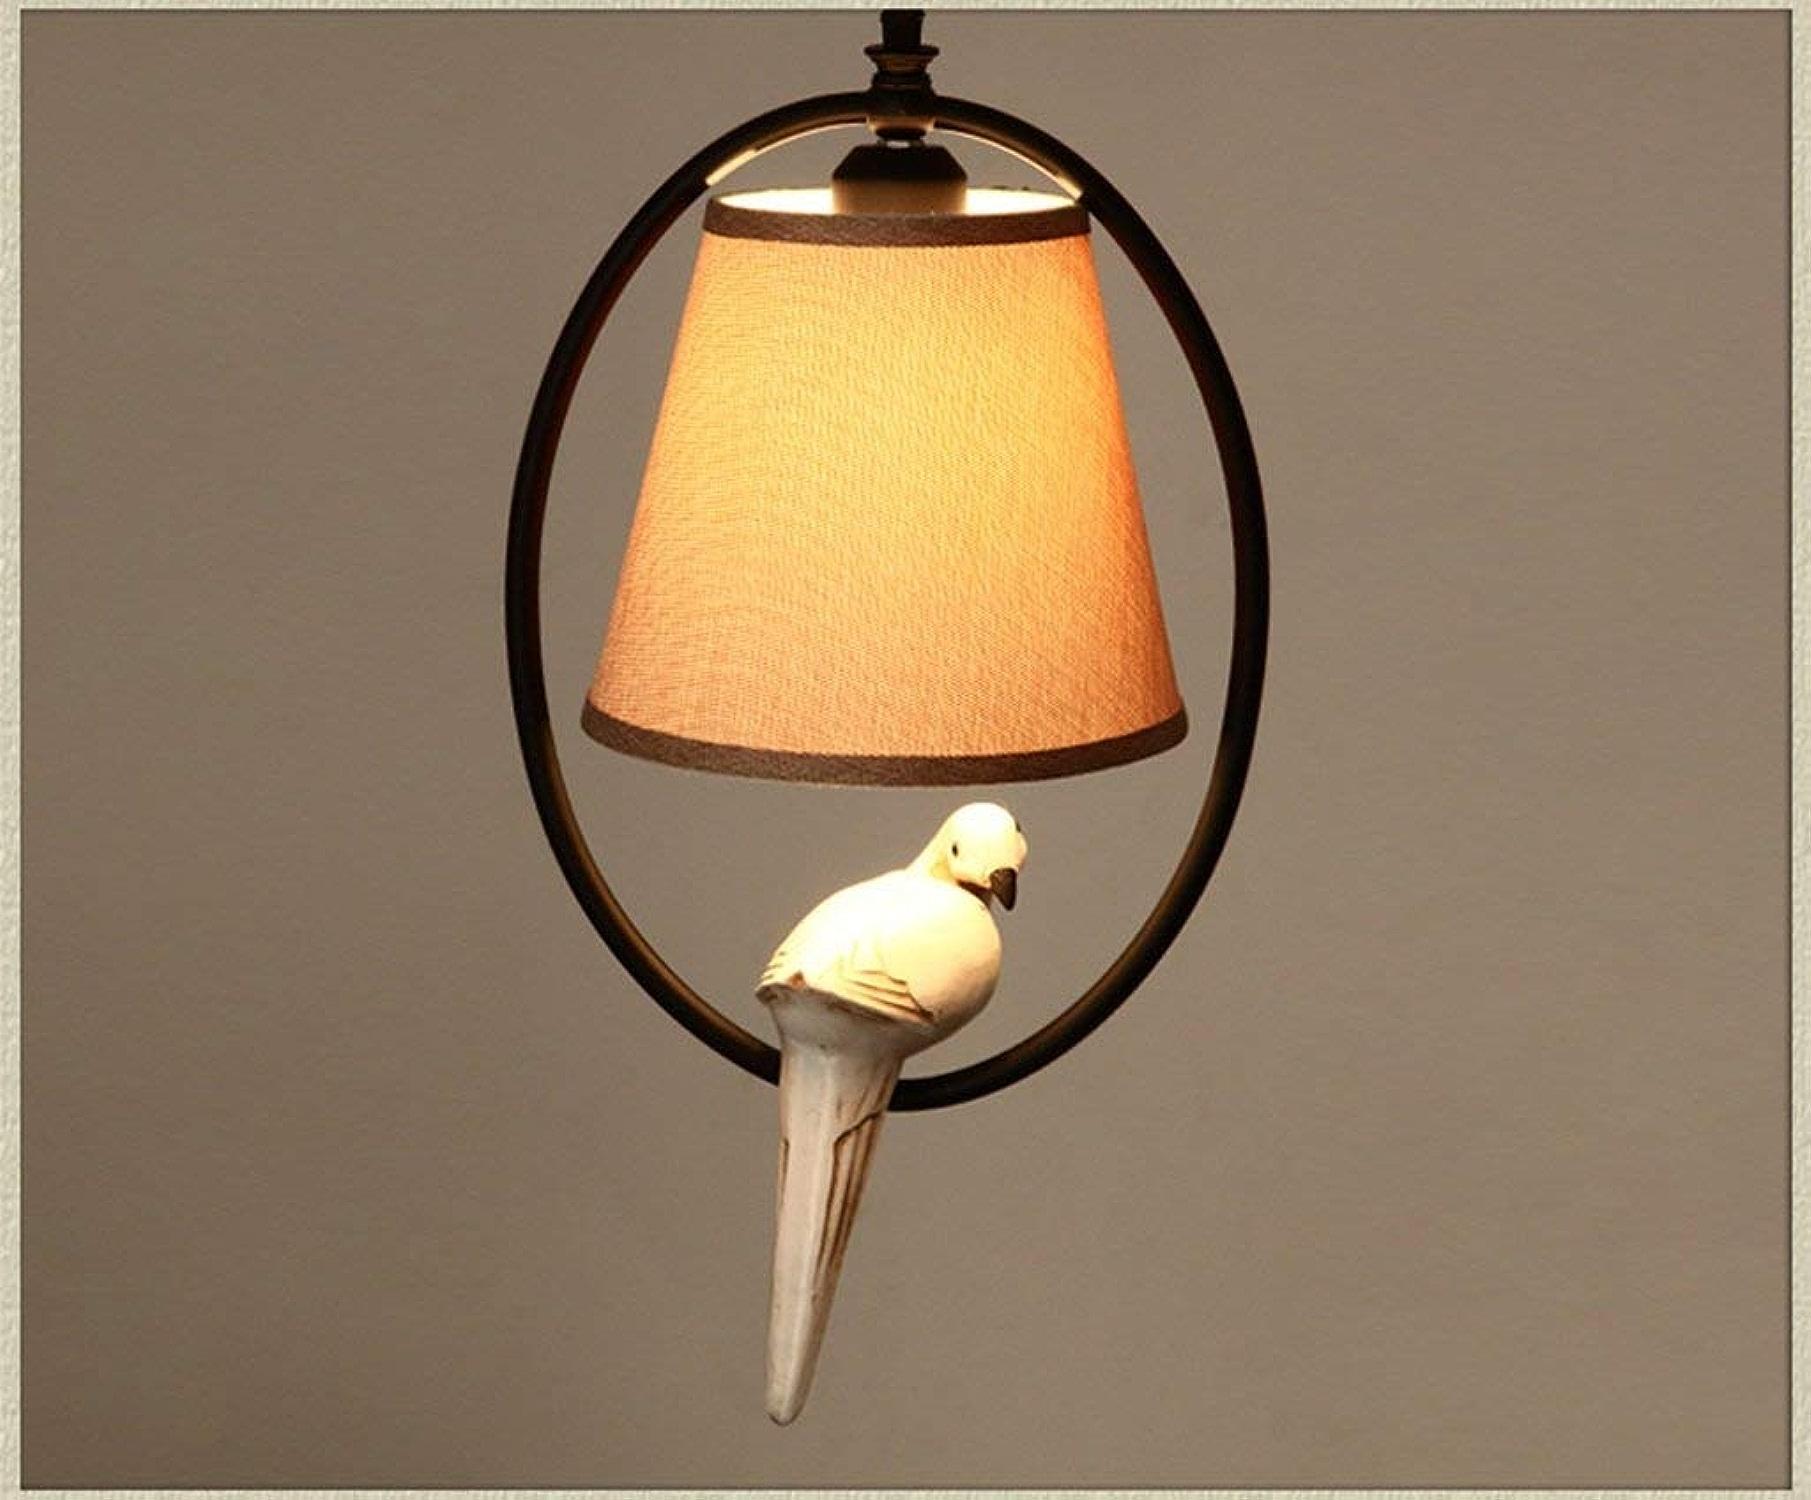 American village exquis salon lustre créative de l'allumage de certains oiseaux chambres balcon lustre lustre bed company